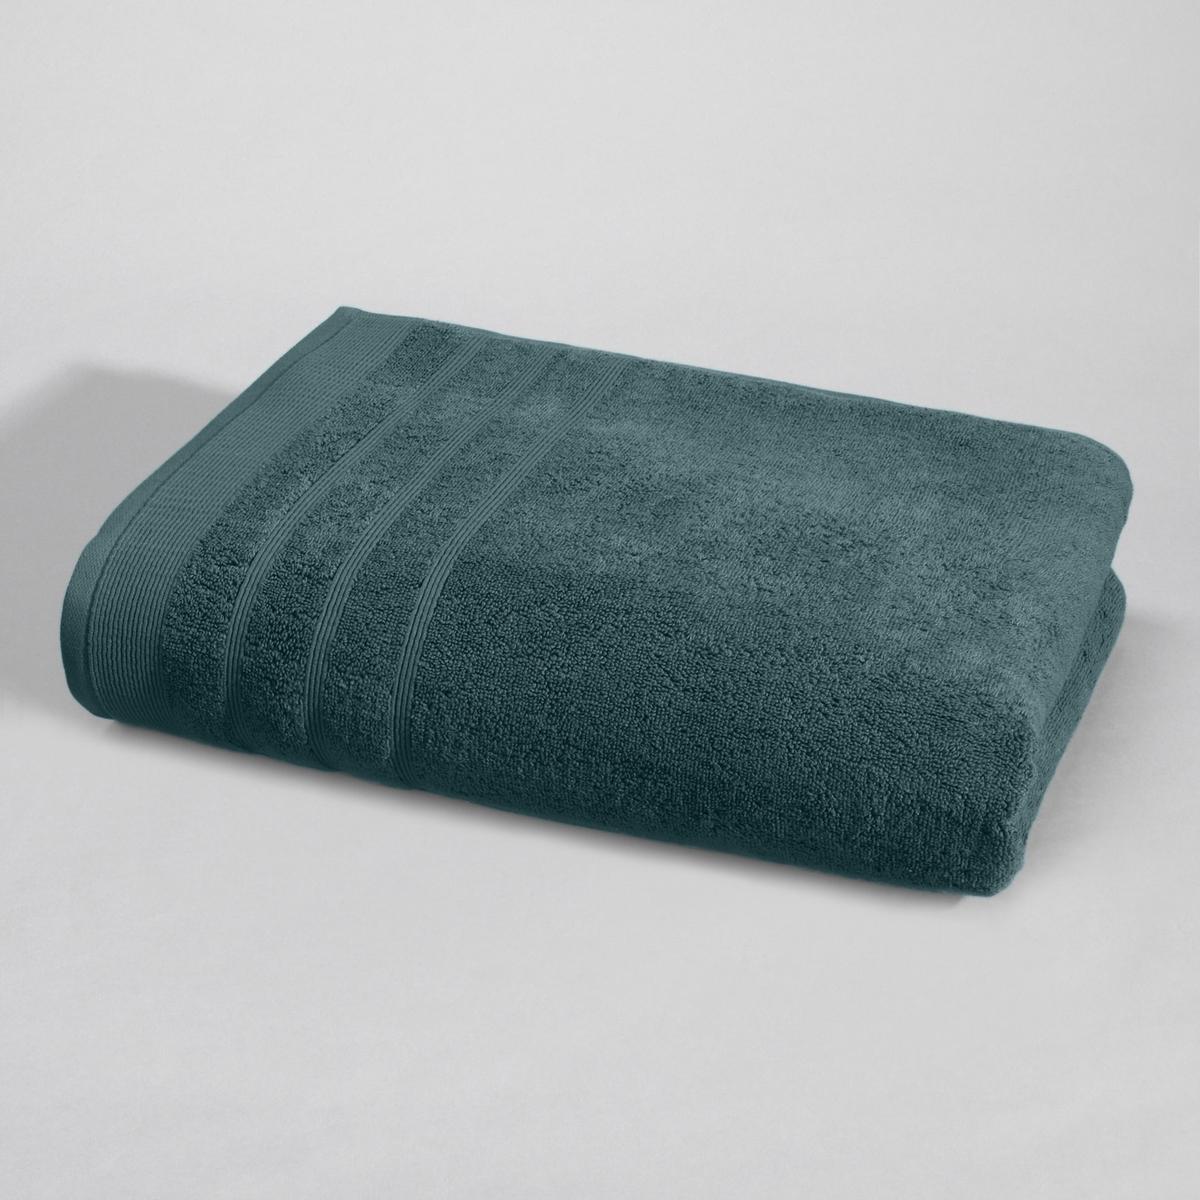 Полотенце банное 600 г/м², Качество Best от La Redoute